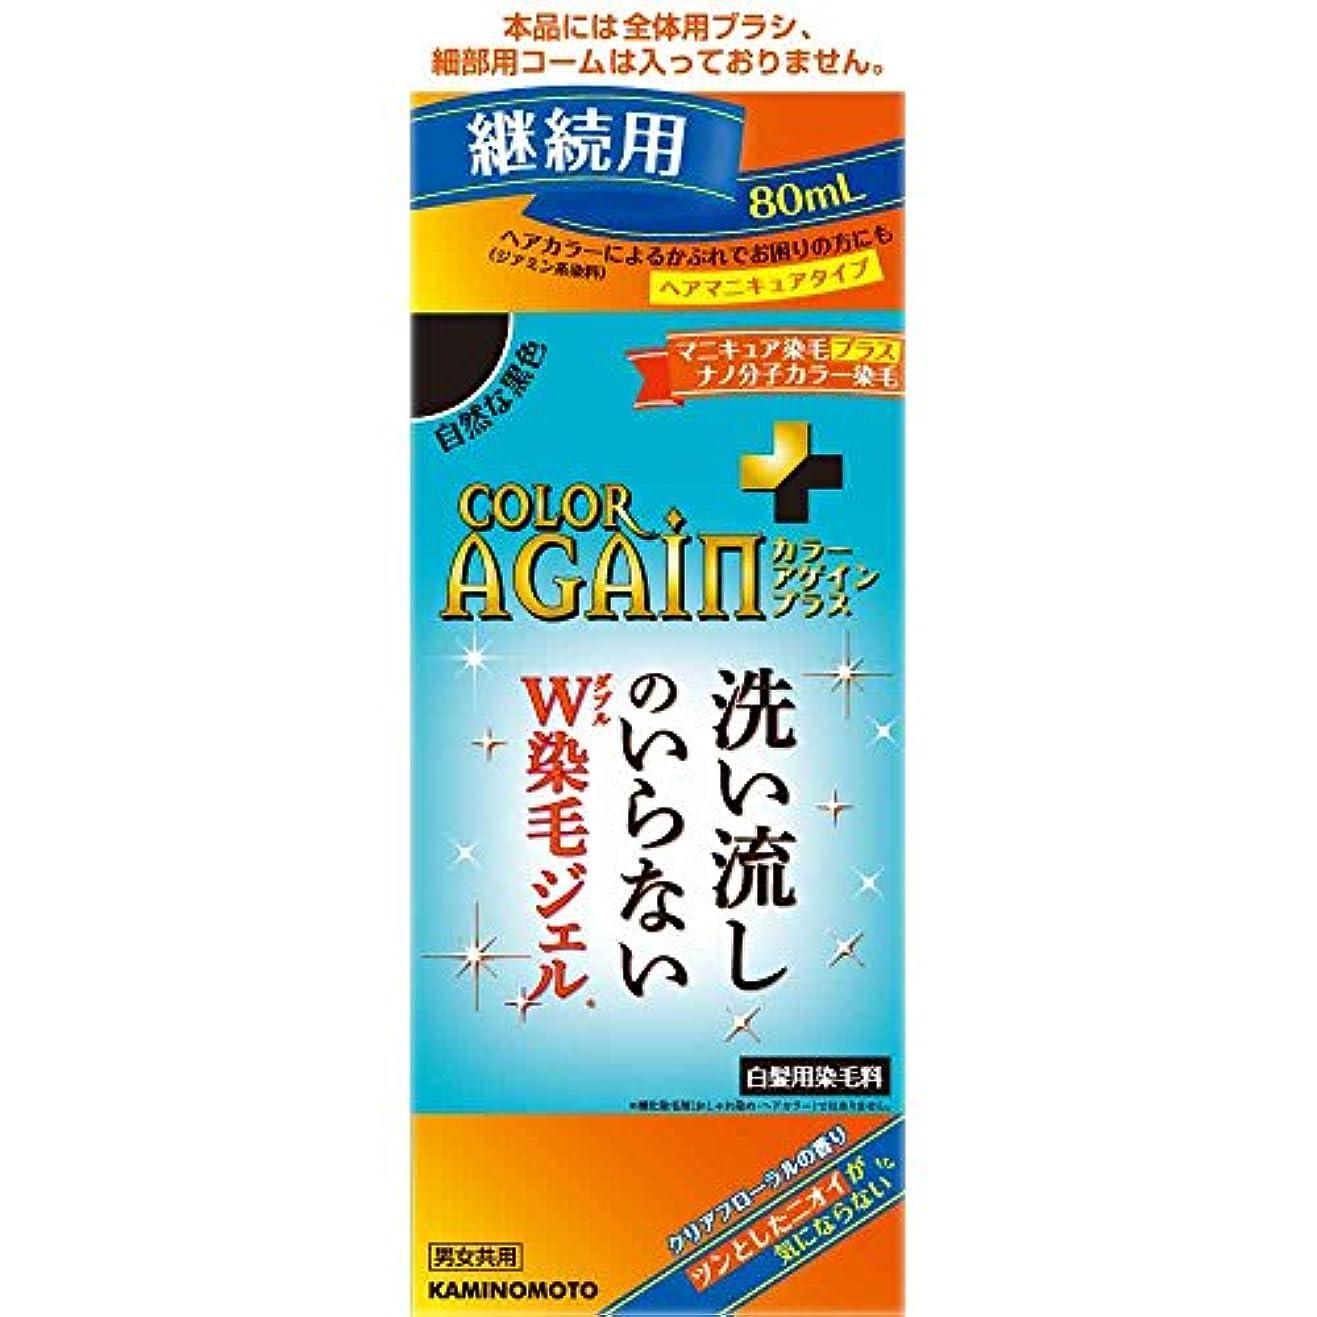 仲間花に水をやる楽しいカラーアゲインプラス 自然な黒色 継続用 80mL